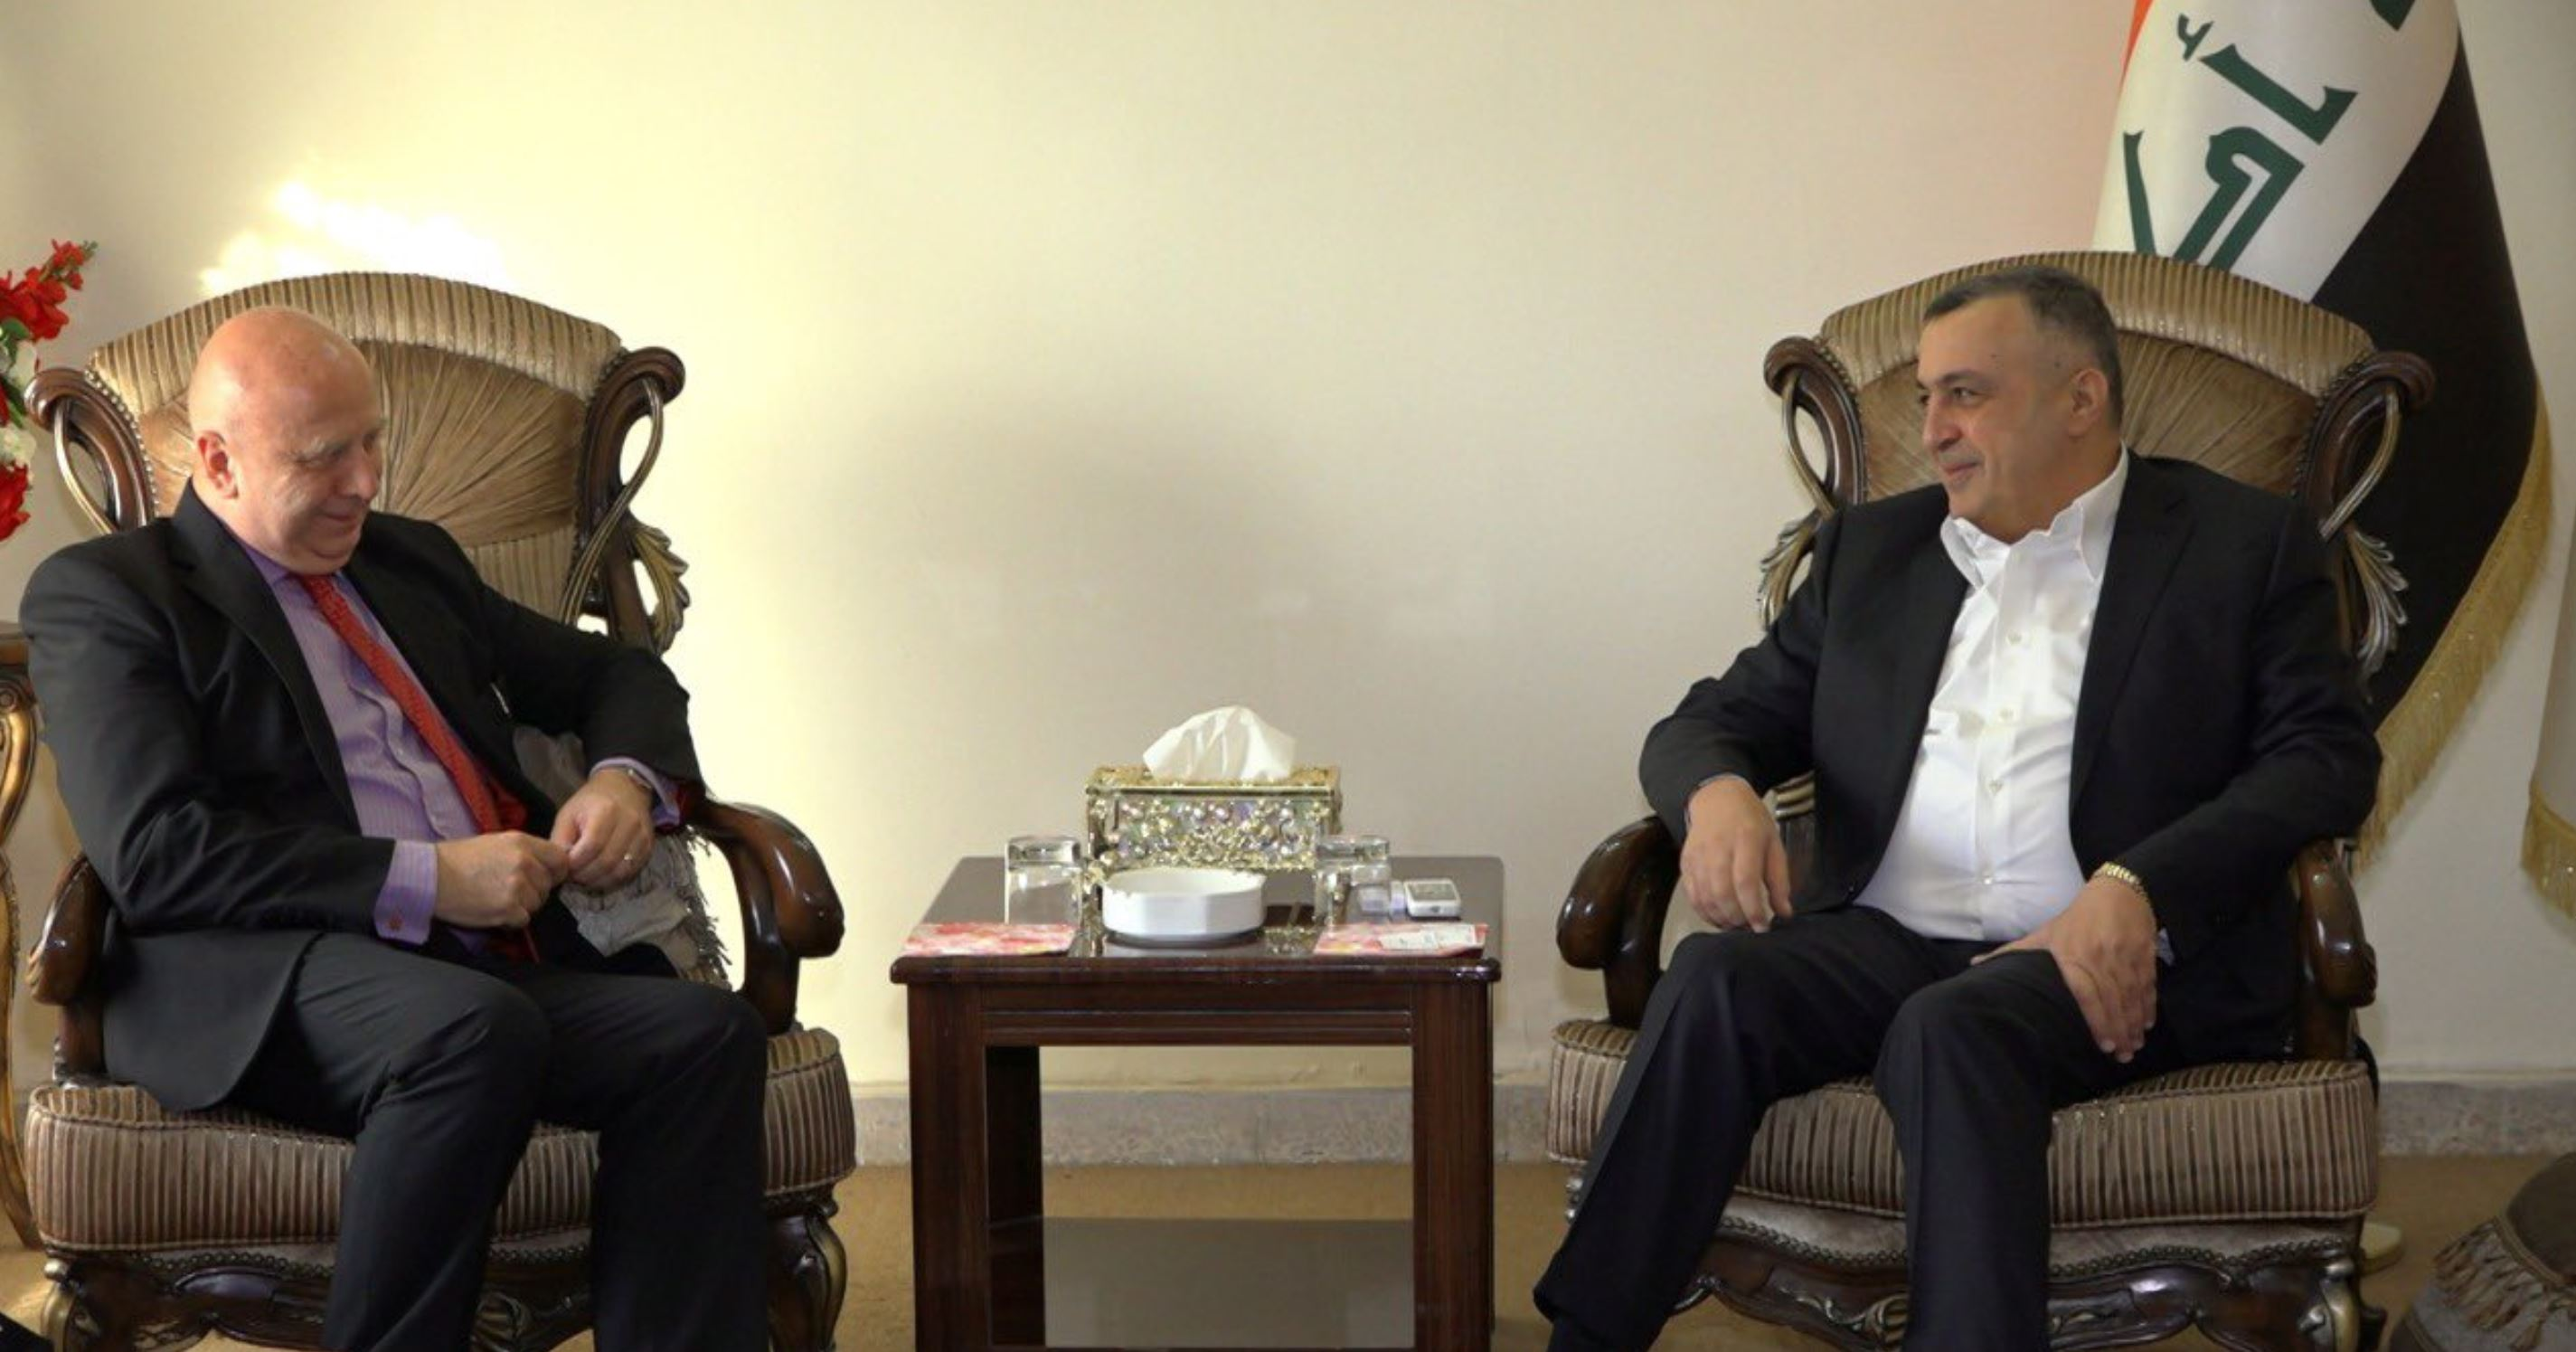 الكربولي يثمن الدور البريطاني في دعم مشاريع إعادة الإستقرار والإعمار في البلاد